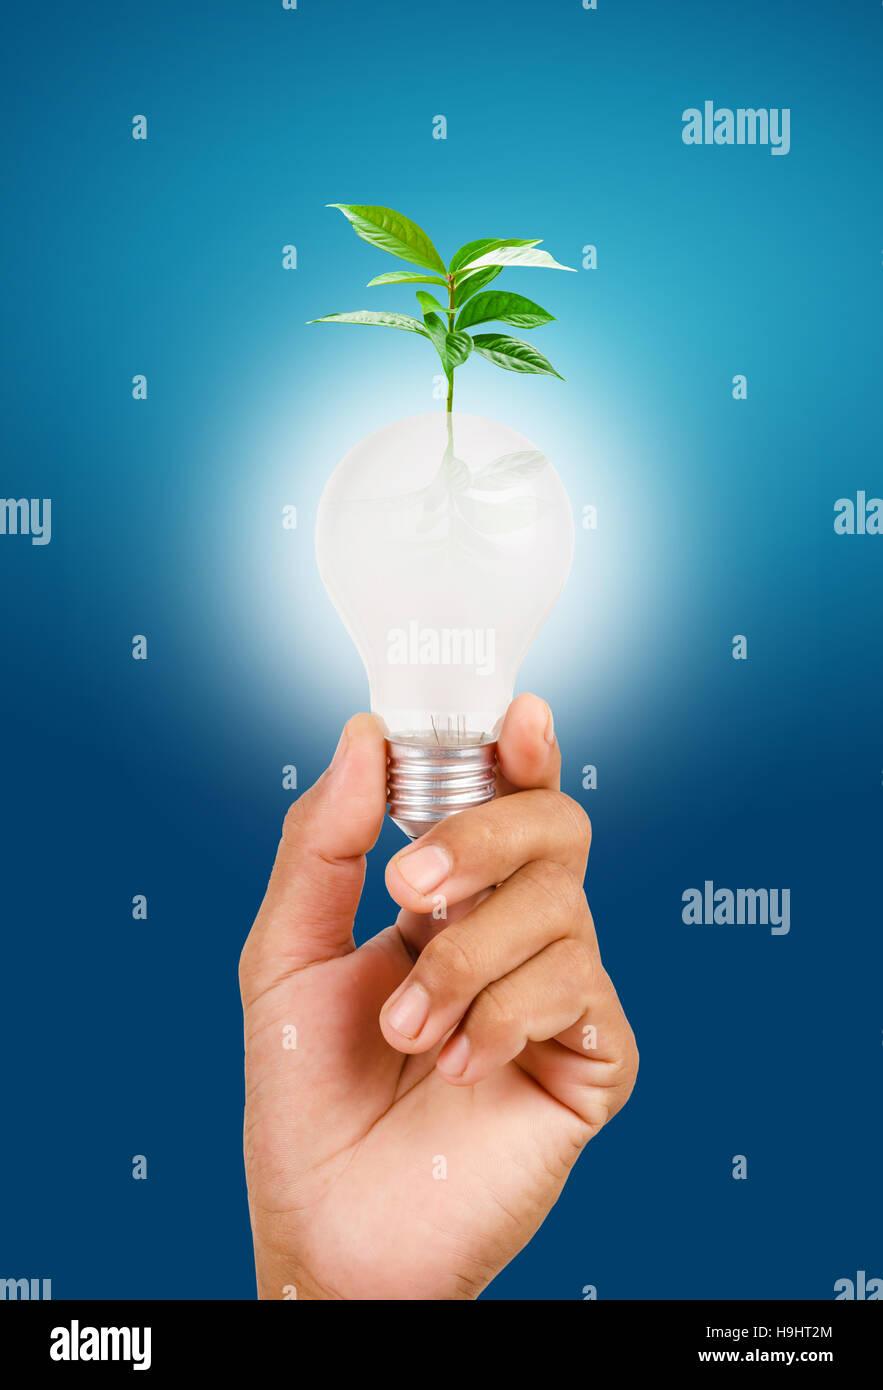 L'énergie et la préservation de l'environnement concept. Photo Stock